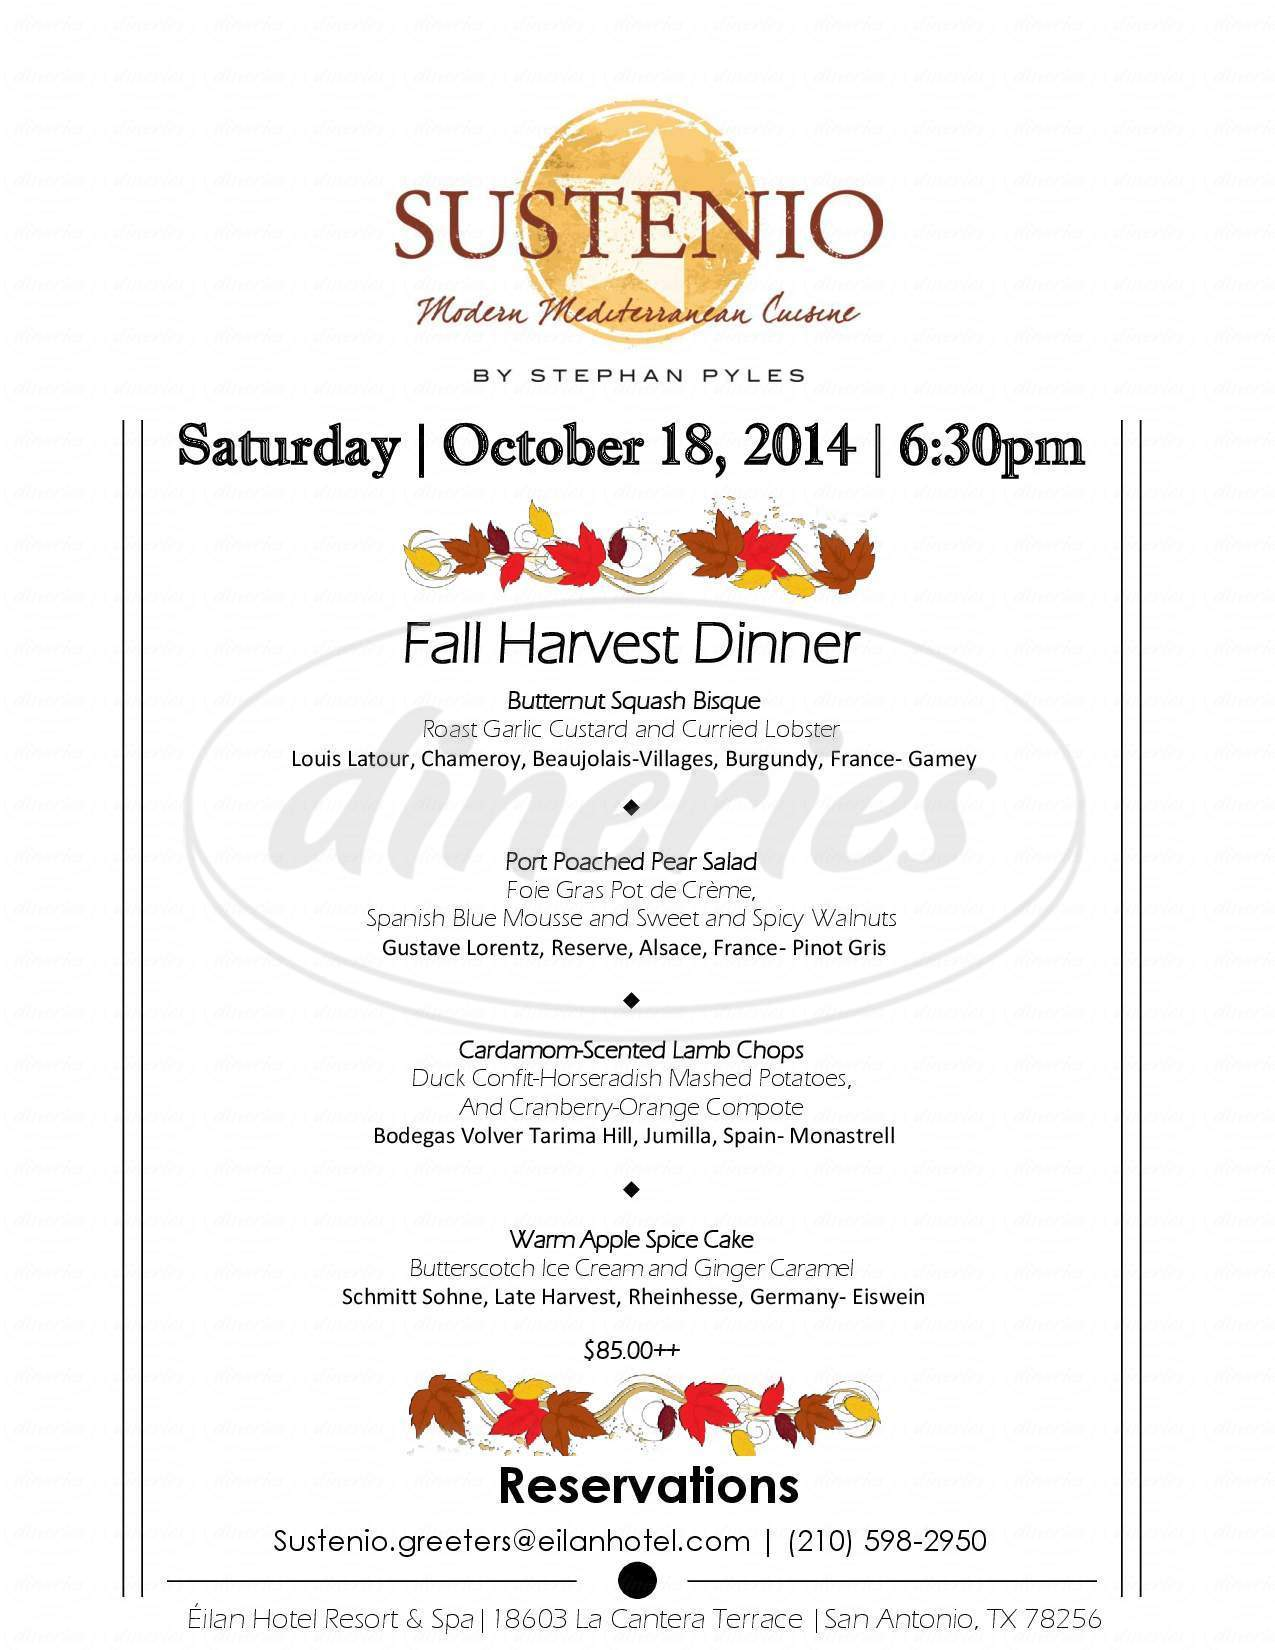 menu for Sustenio